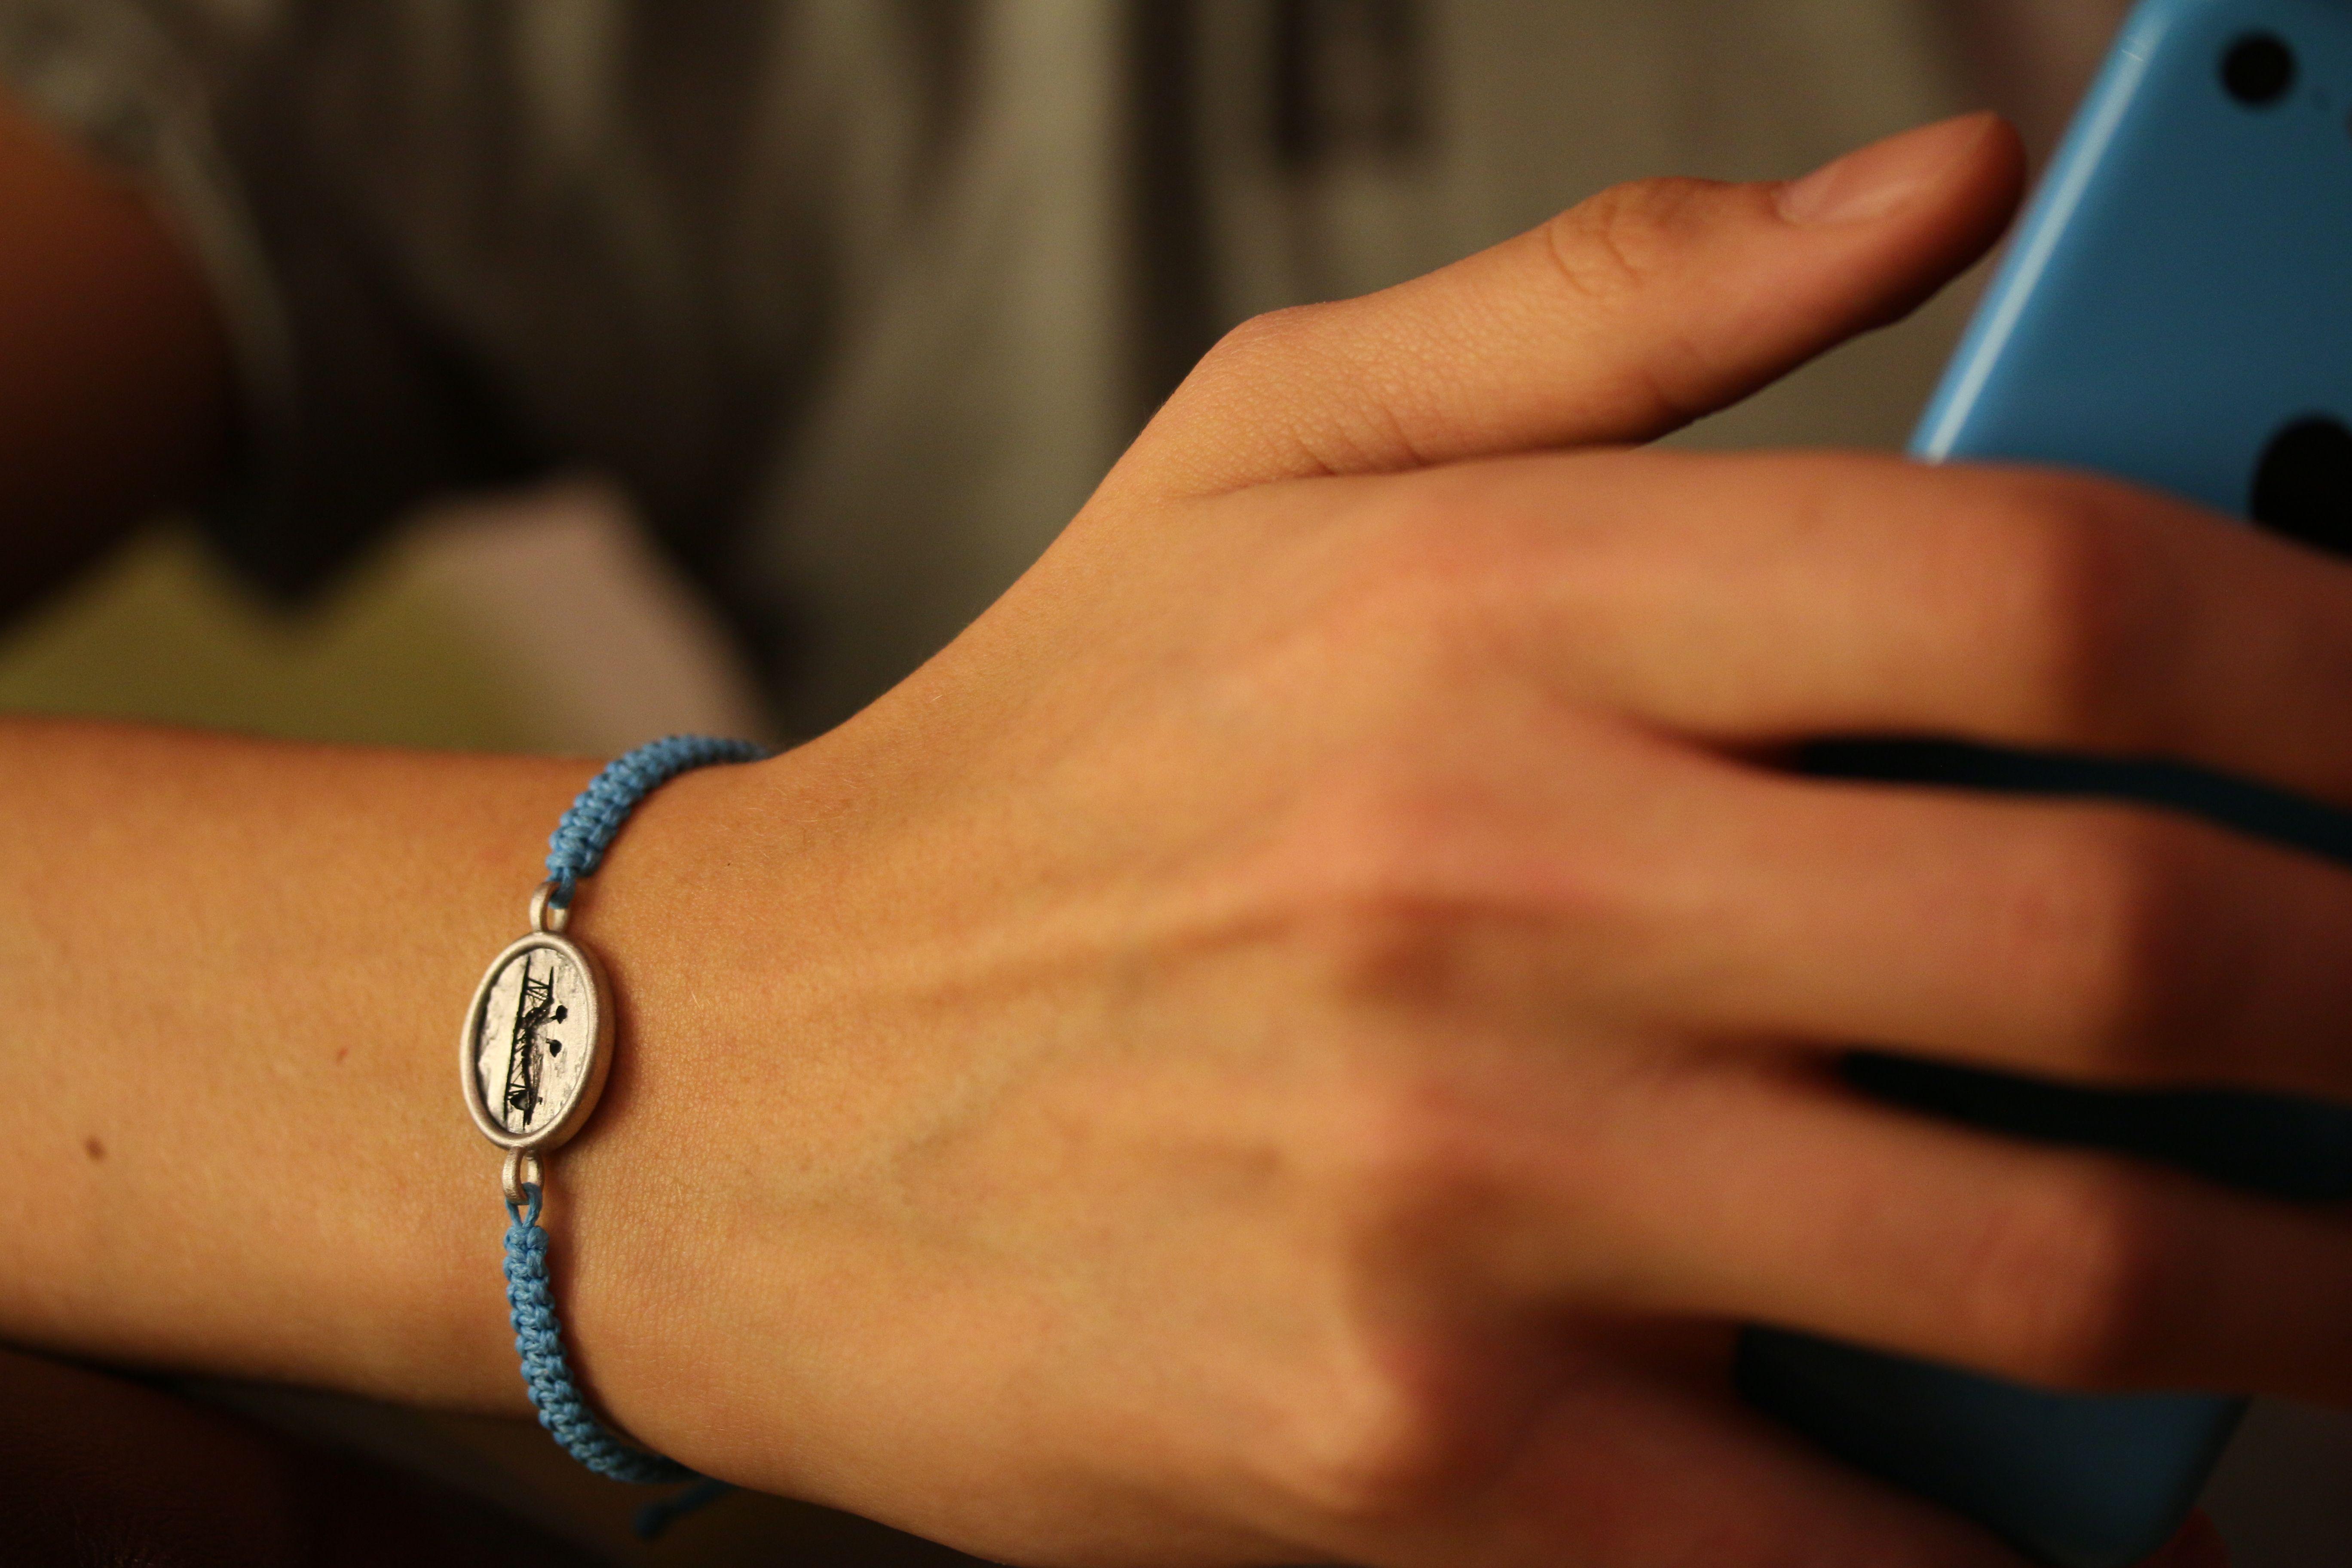 wegbegleiter geschenke schmuck reise reisebegleiter flugzeug doppeldecker  anhänger kette schlüsselanhänger armband geburtstag sterling silber